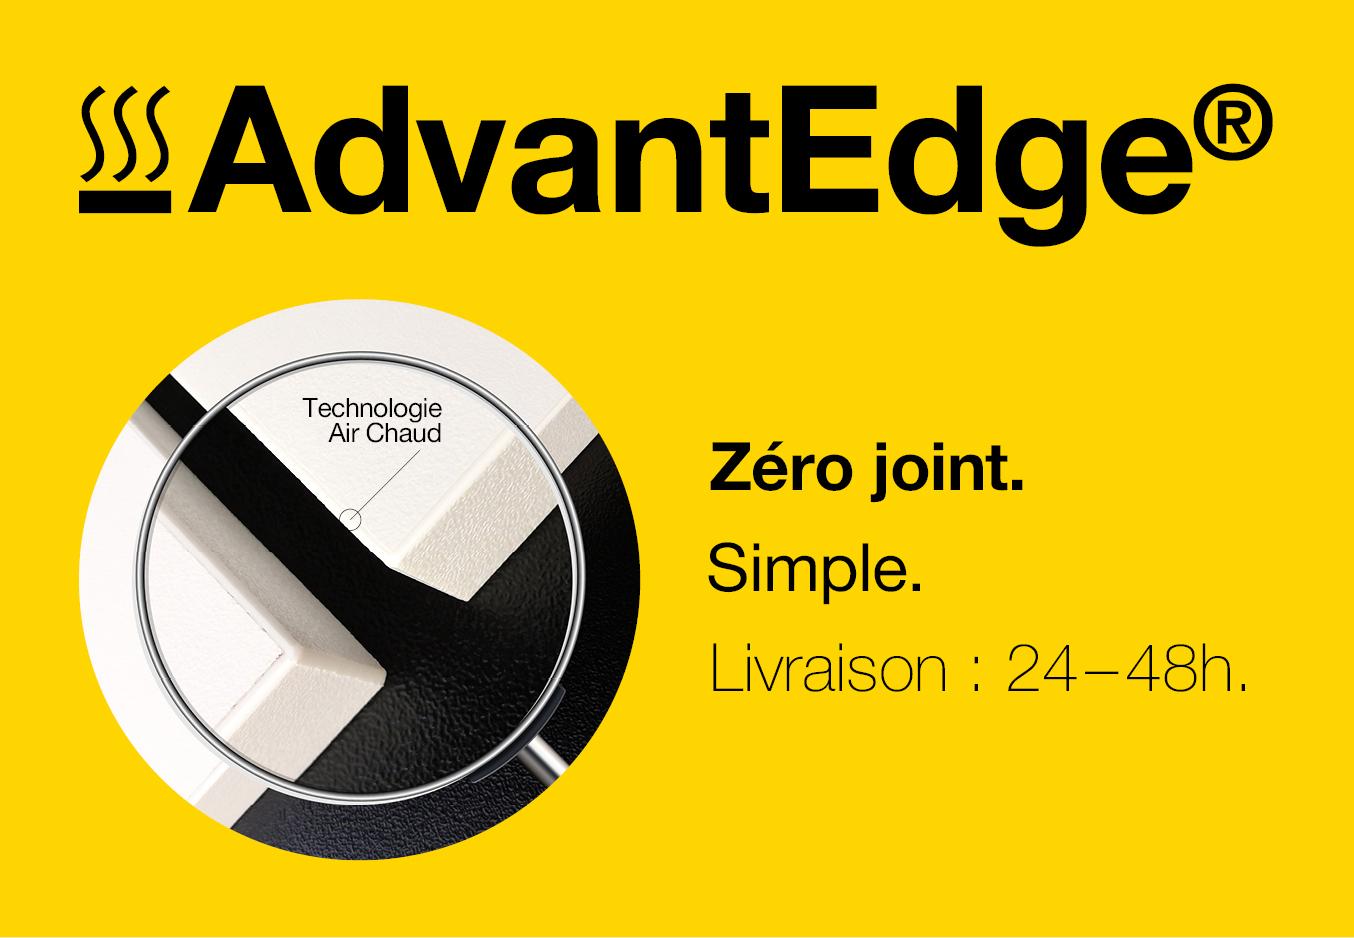 Zero joint avec AdvantEdge - chants air chaud